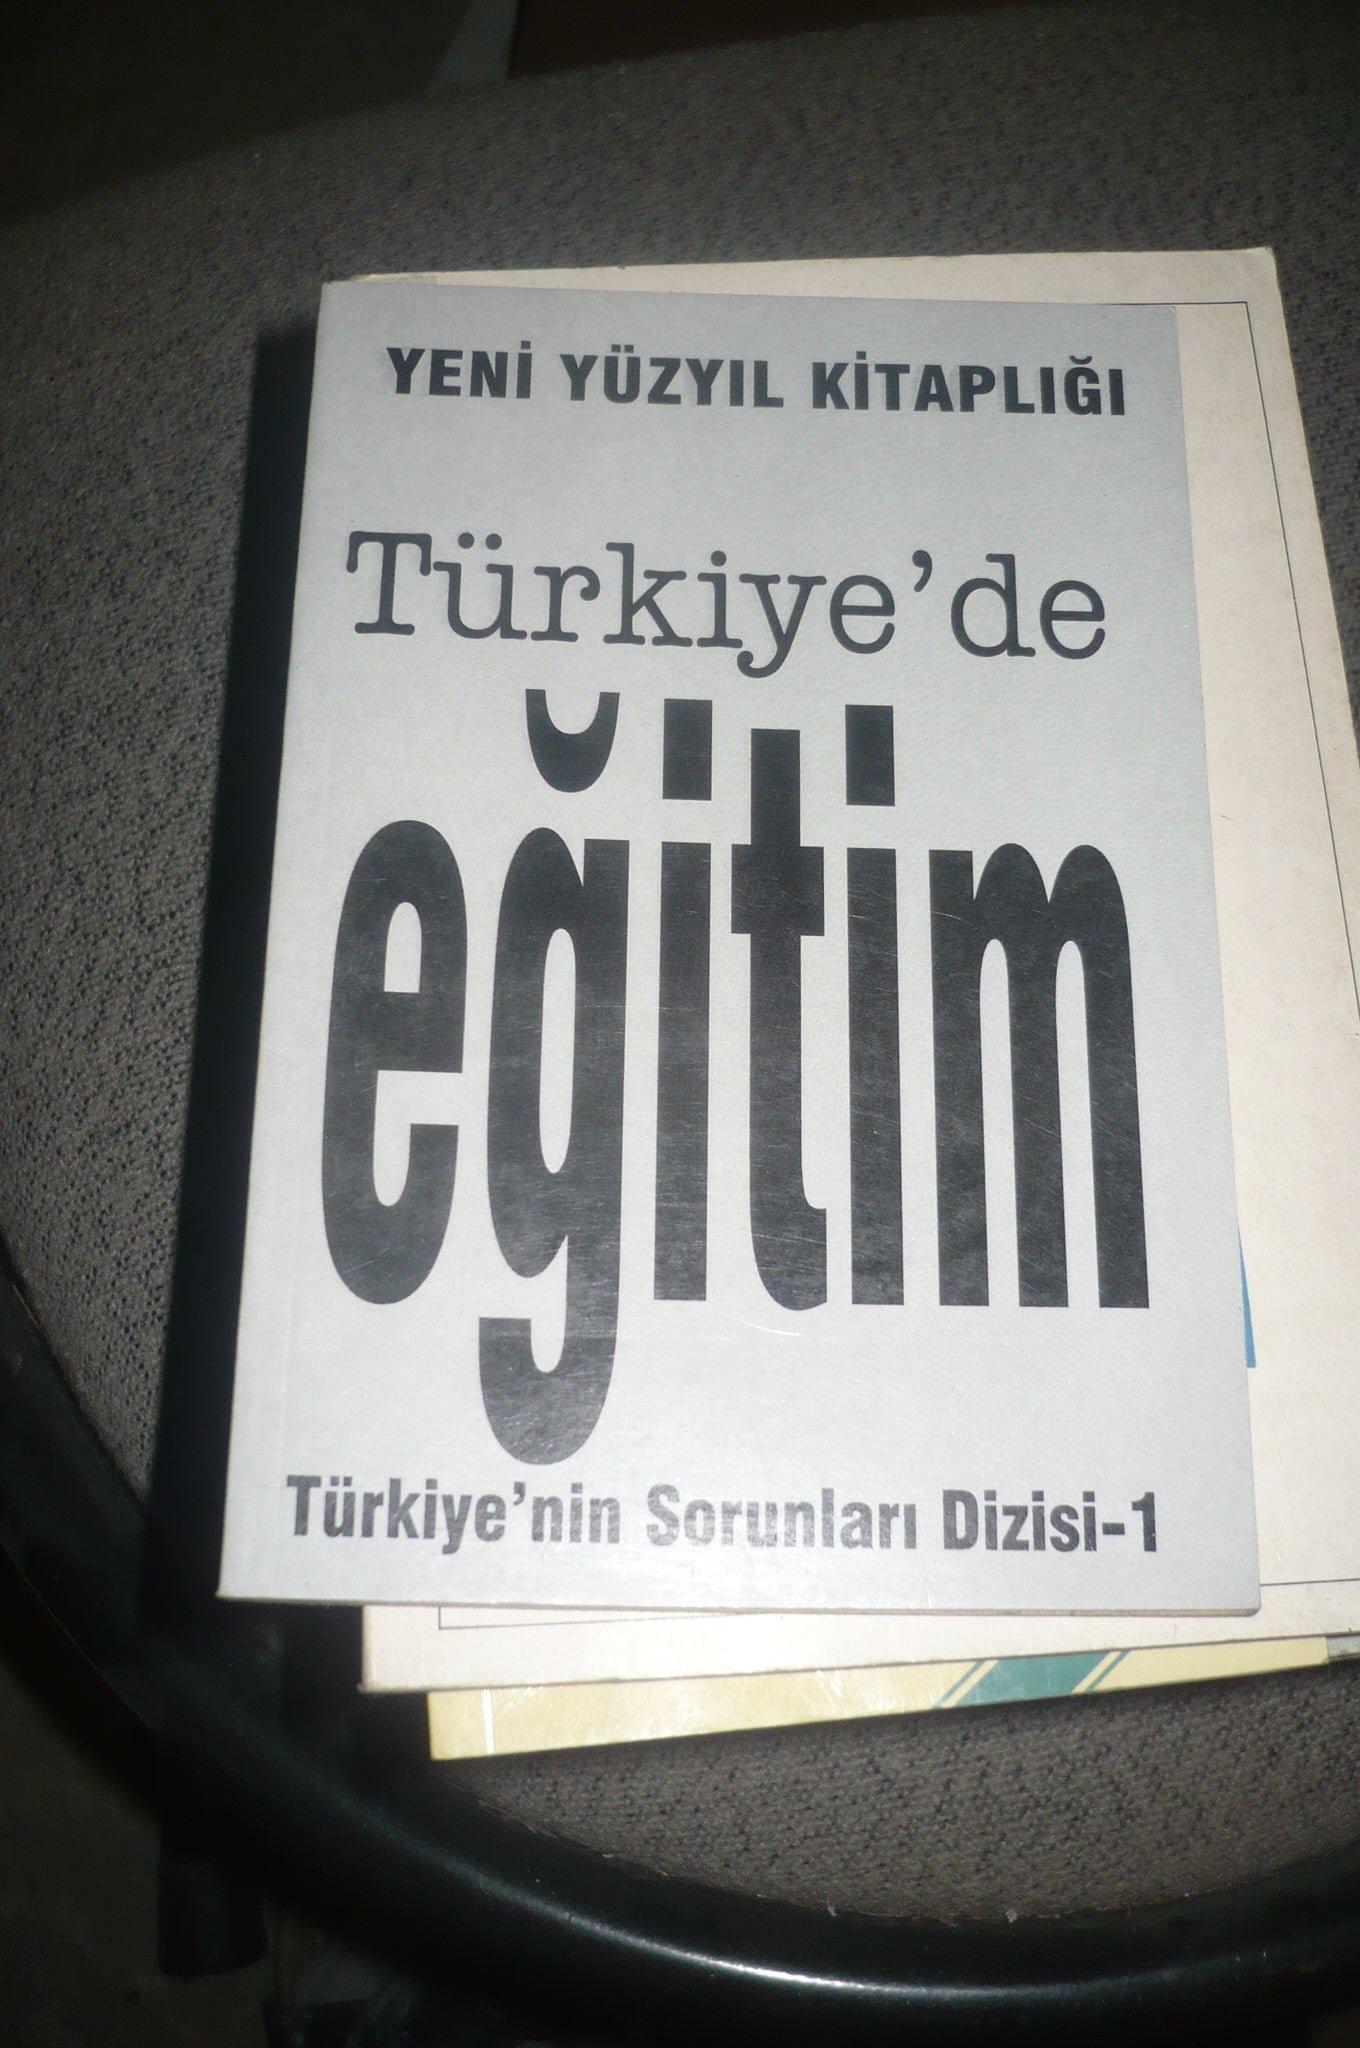 TÜRKİYE'DE EĞİTİM/Yeni Yüzyıl kitaplığı 1/ 10 tl